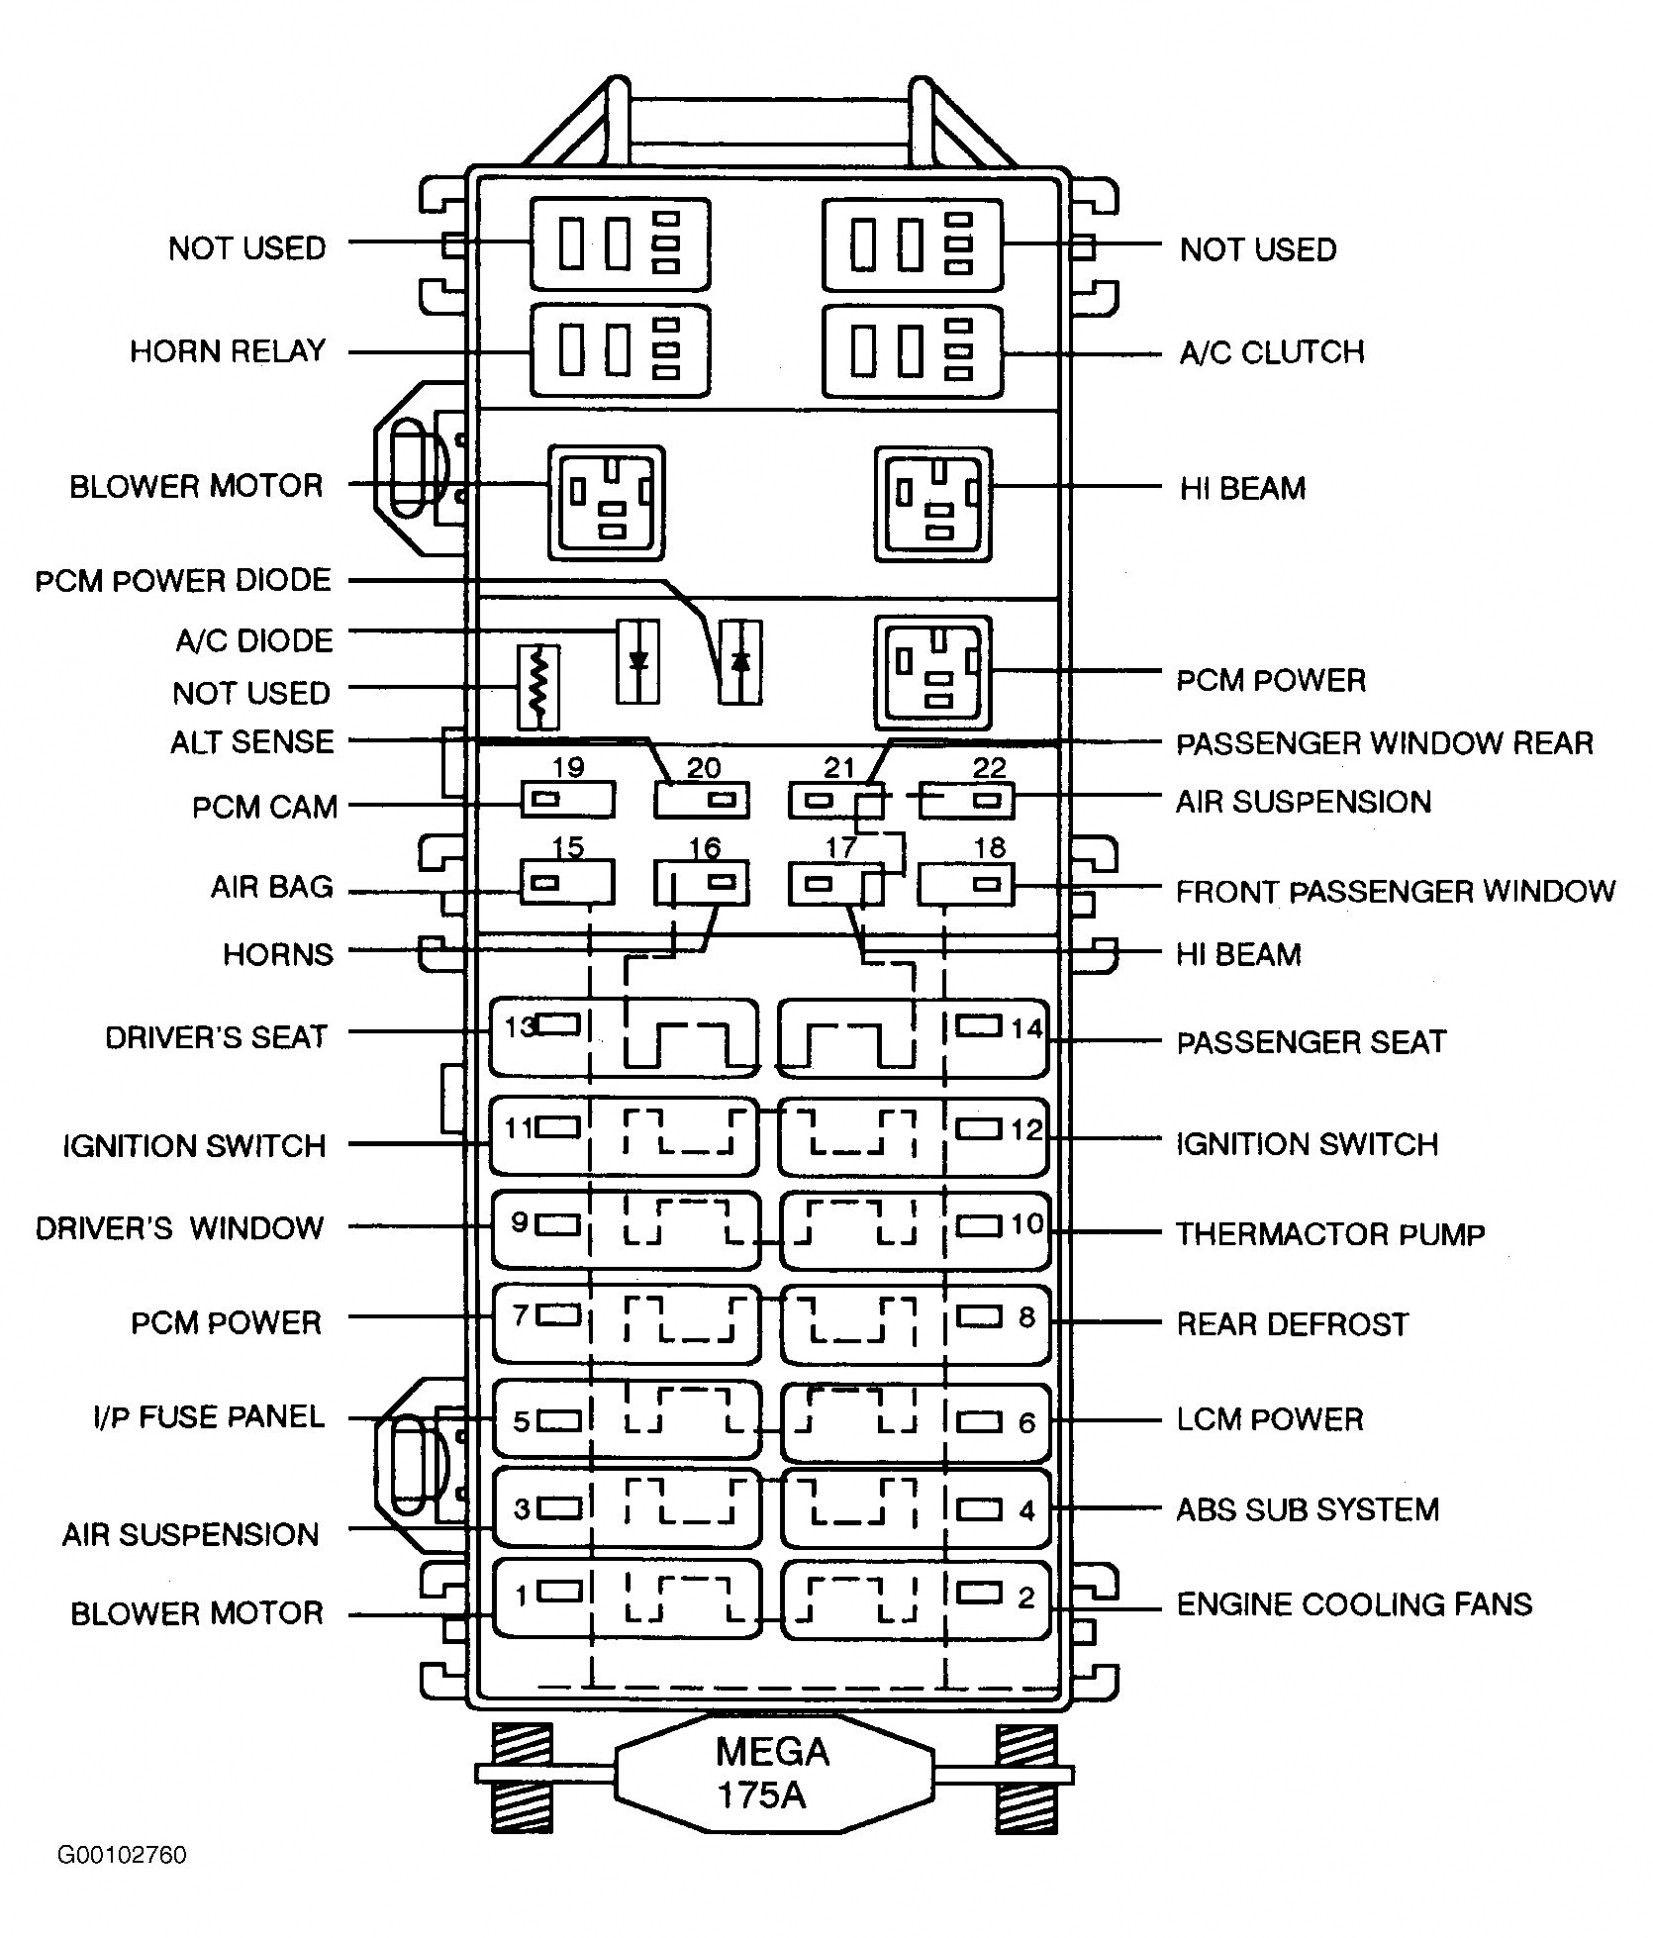 2001 Lincoln Town Car Fuse Box Diagram In 2020 Car Fuses Lincoln Town Car Car Alternator